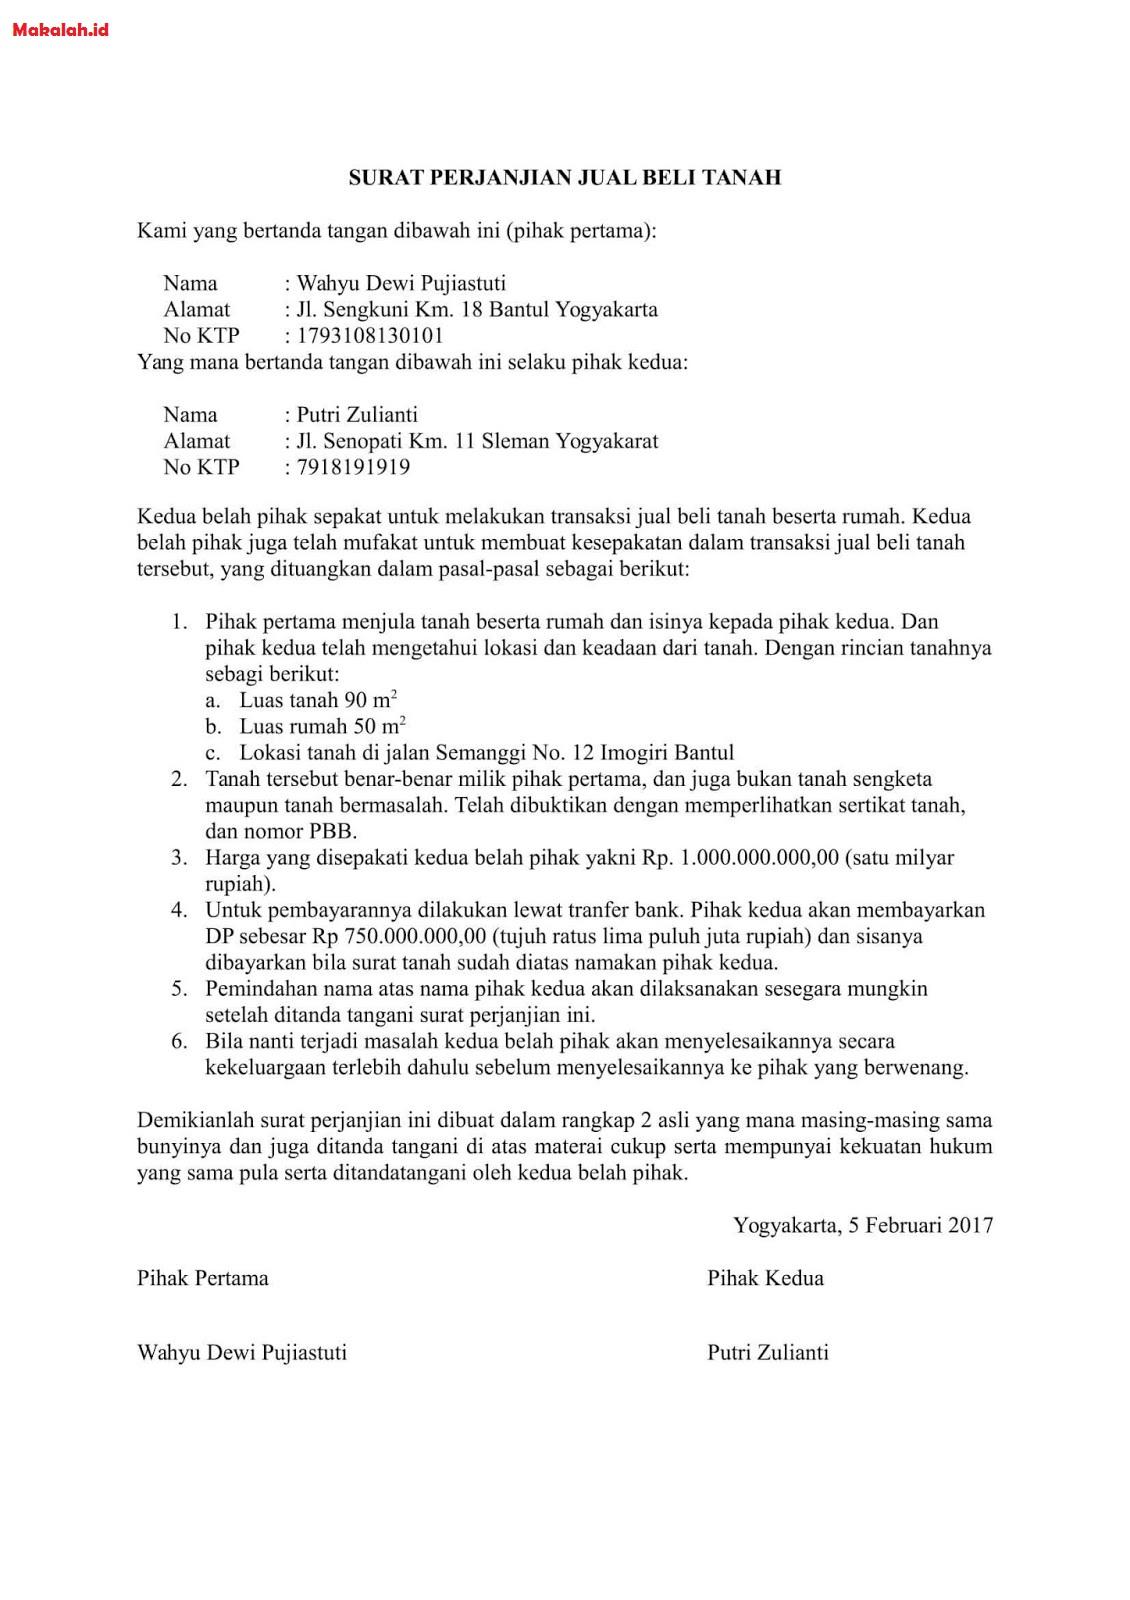 Contoh Surat Jual Beli Tanah Dan Format Perjanjiannya